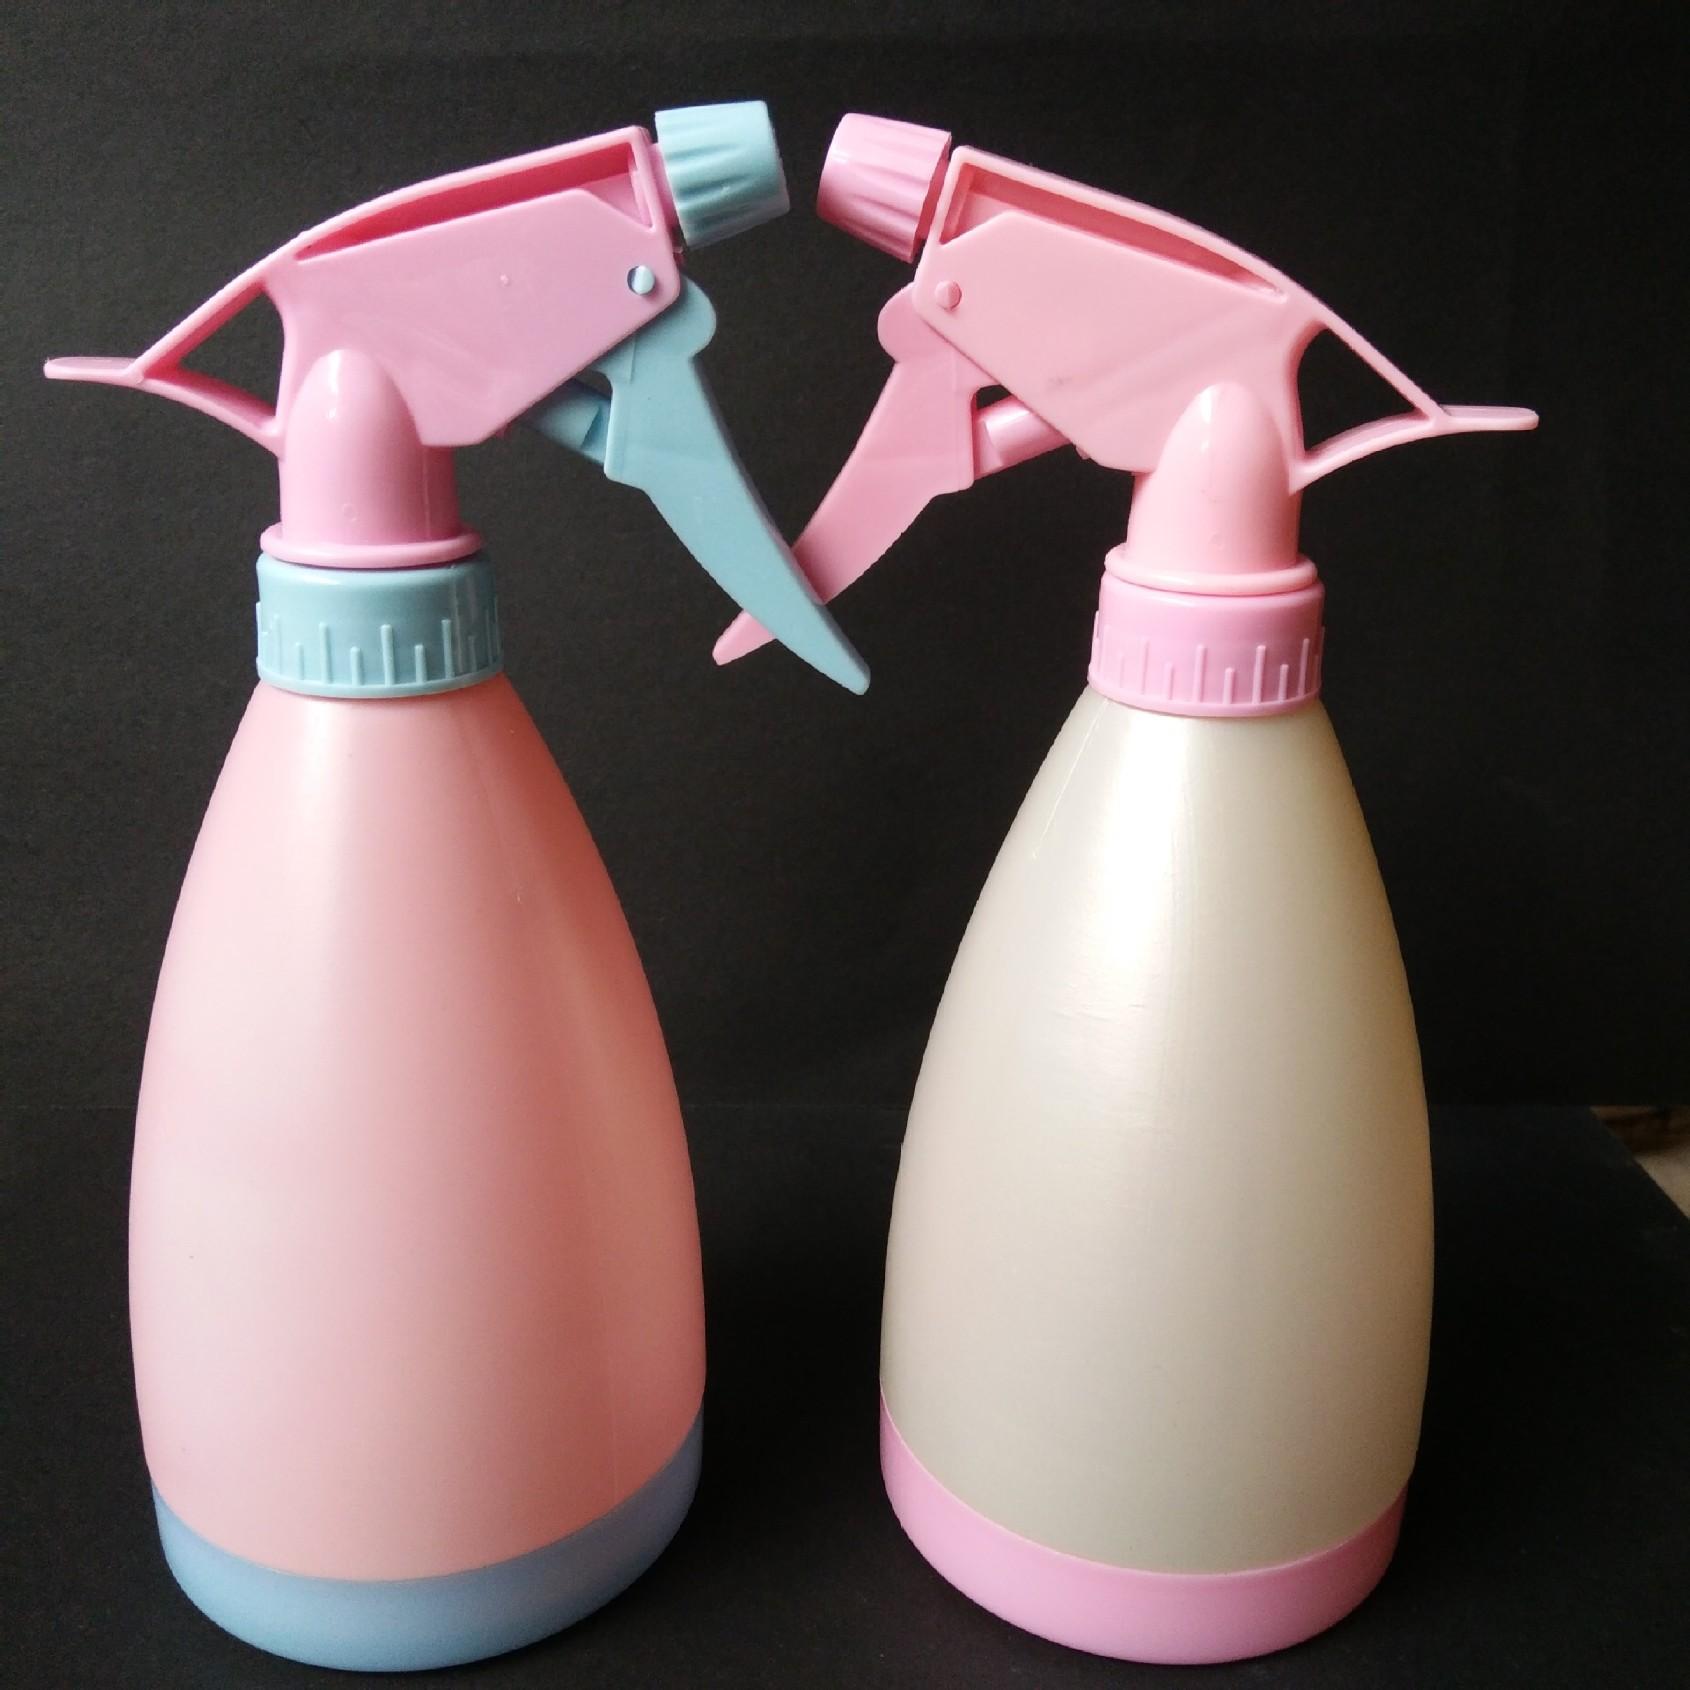 厂家现货直销500ml加厚清洁消毒小喷壶颜色可供选择图片